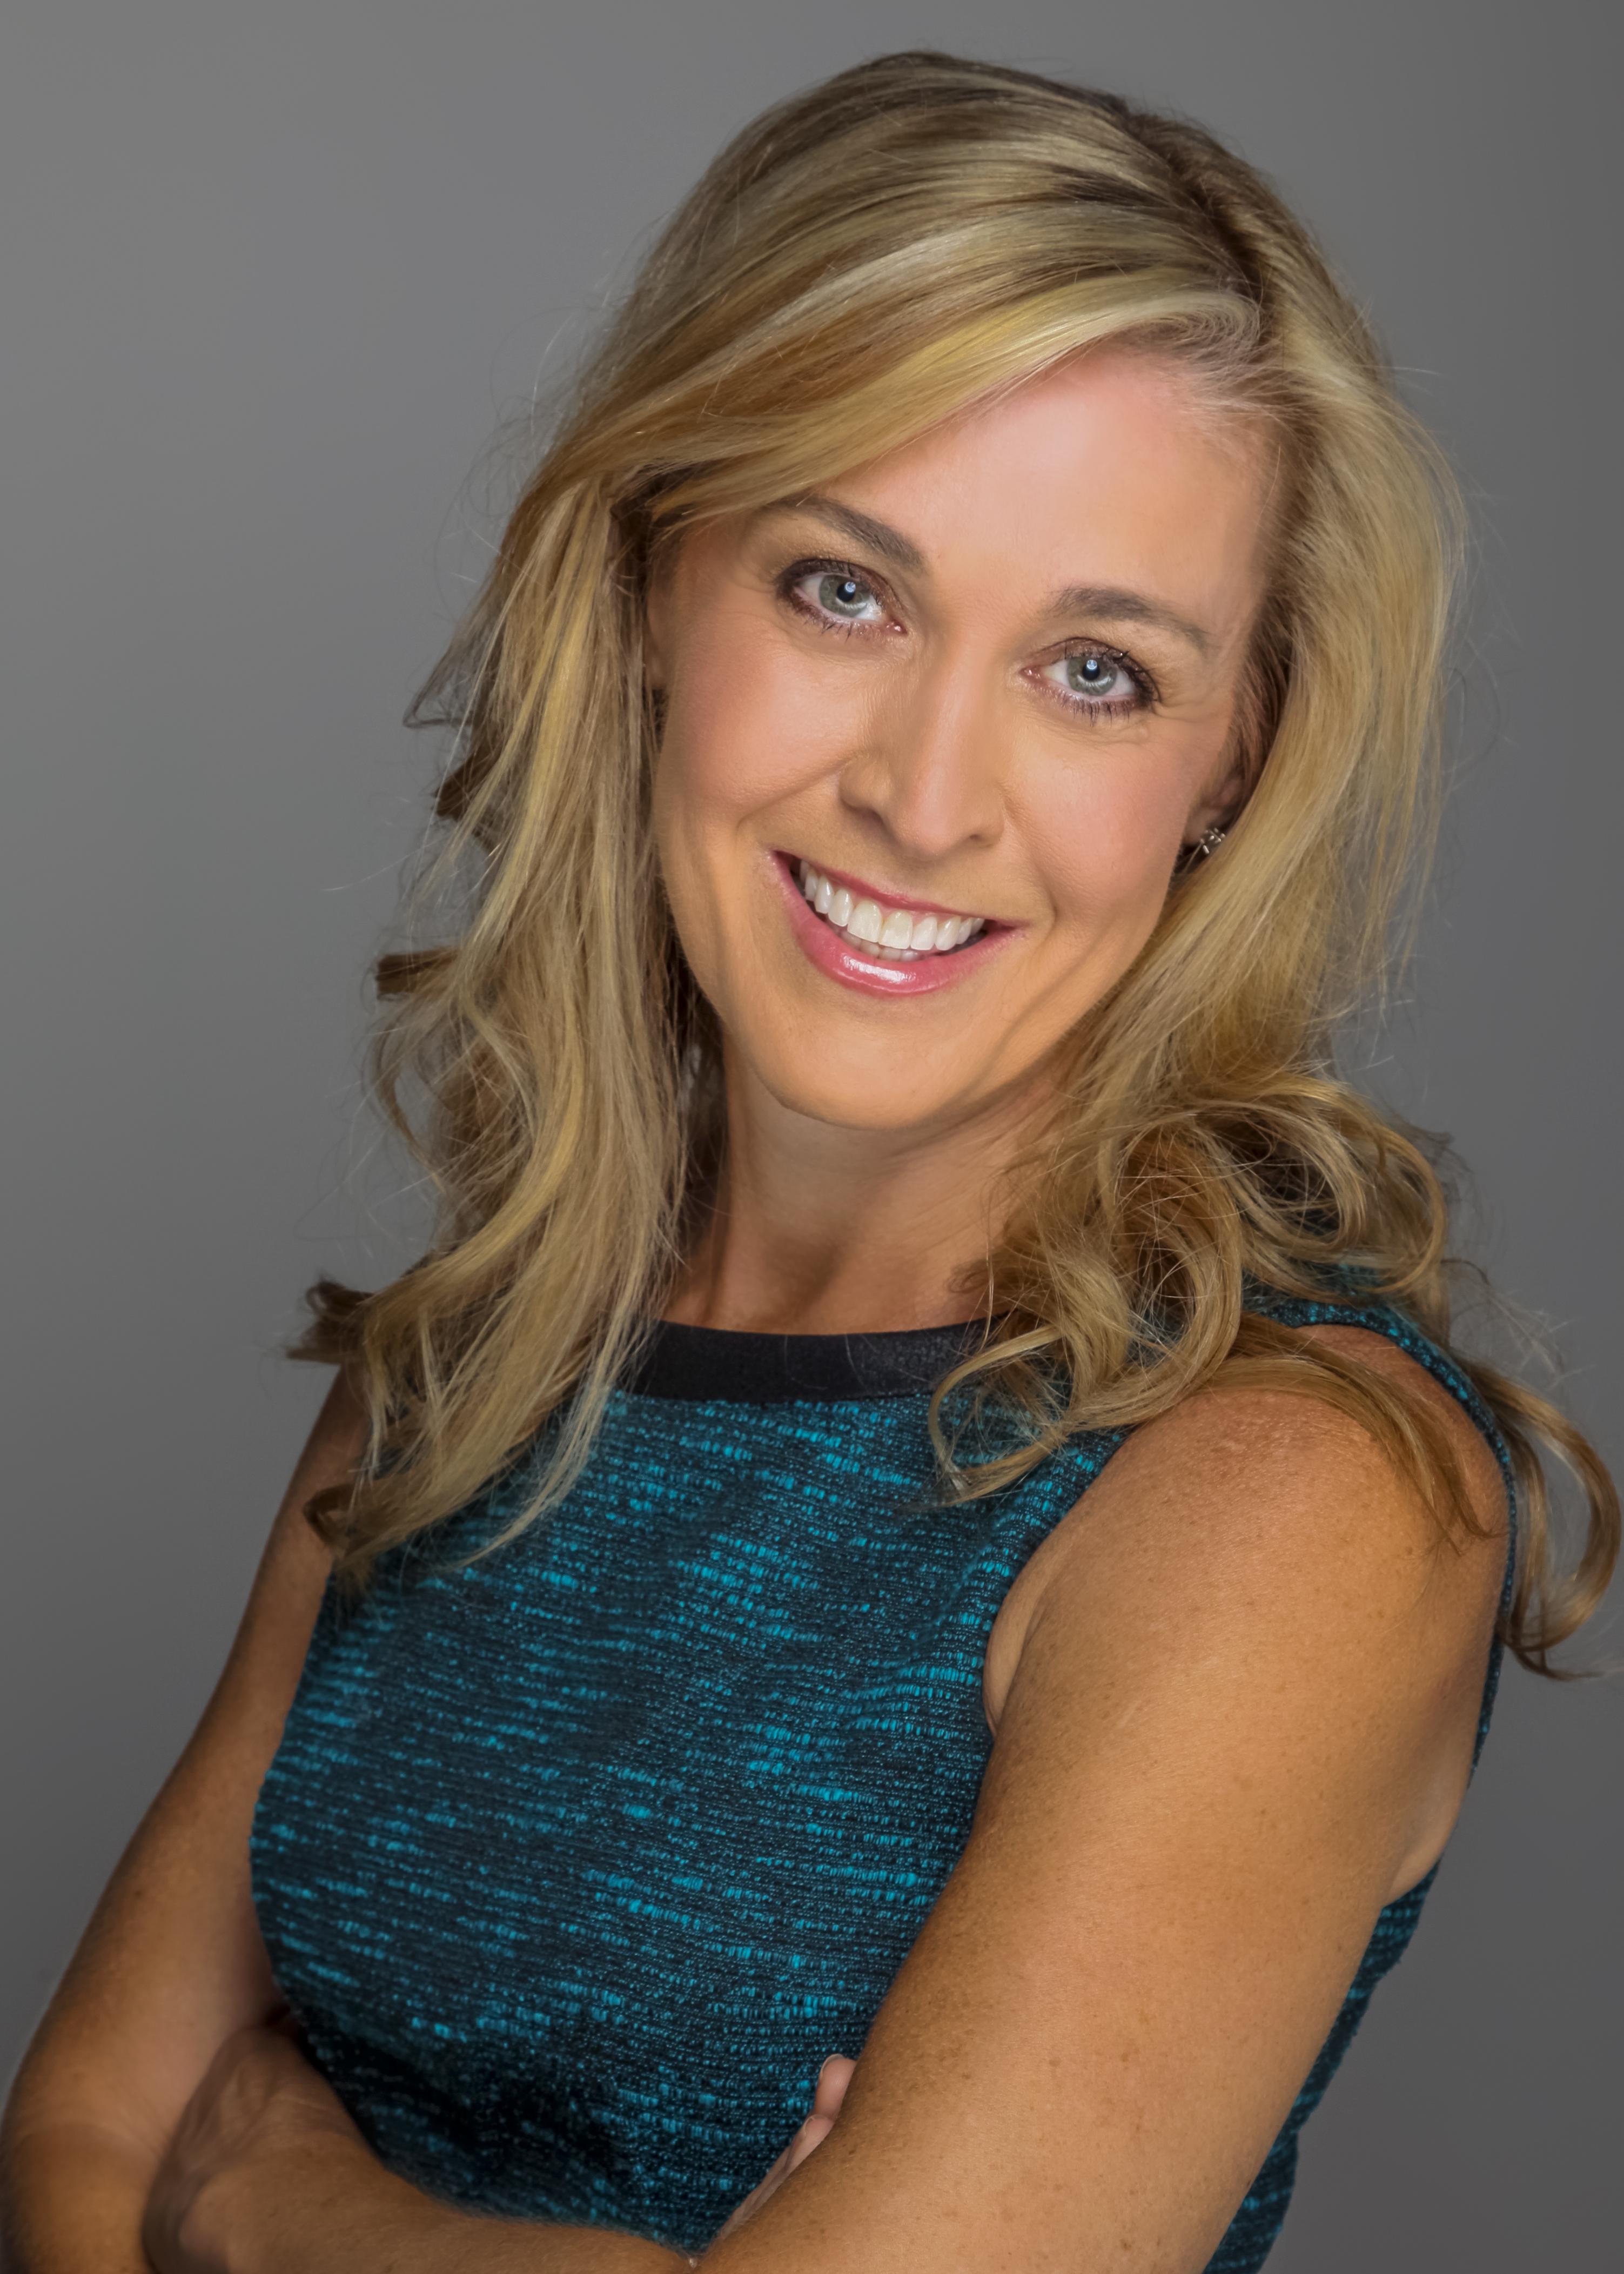 Nicole Rader